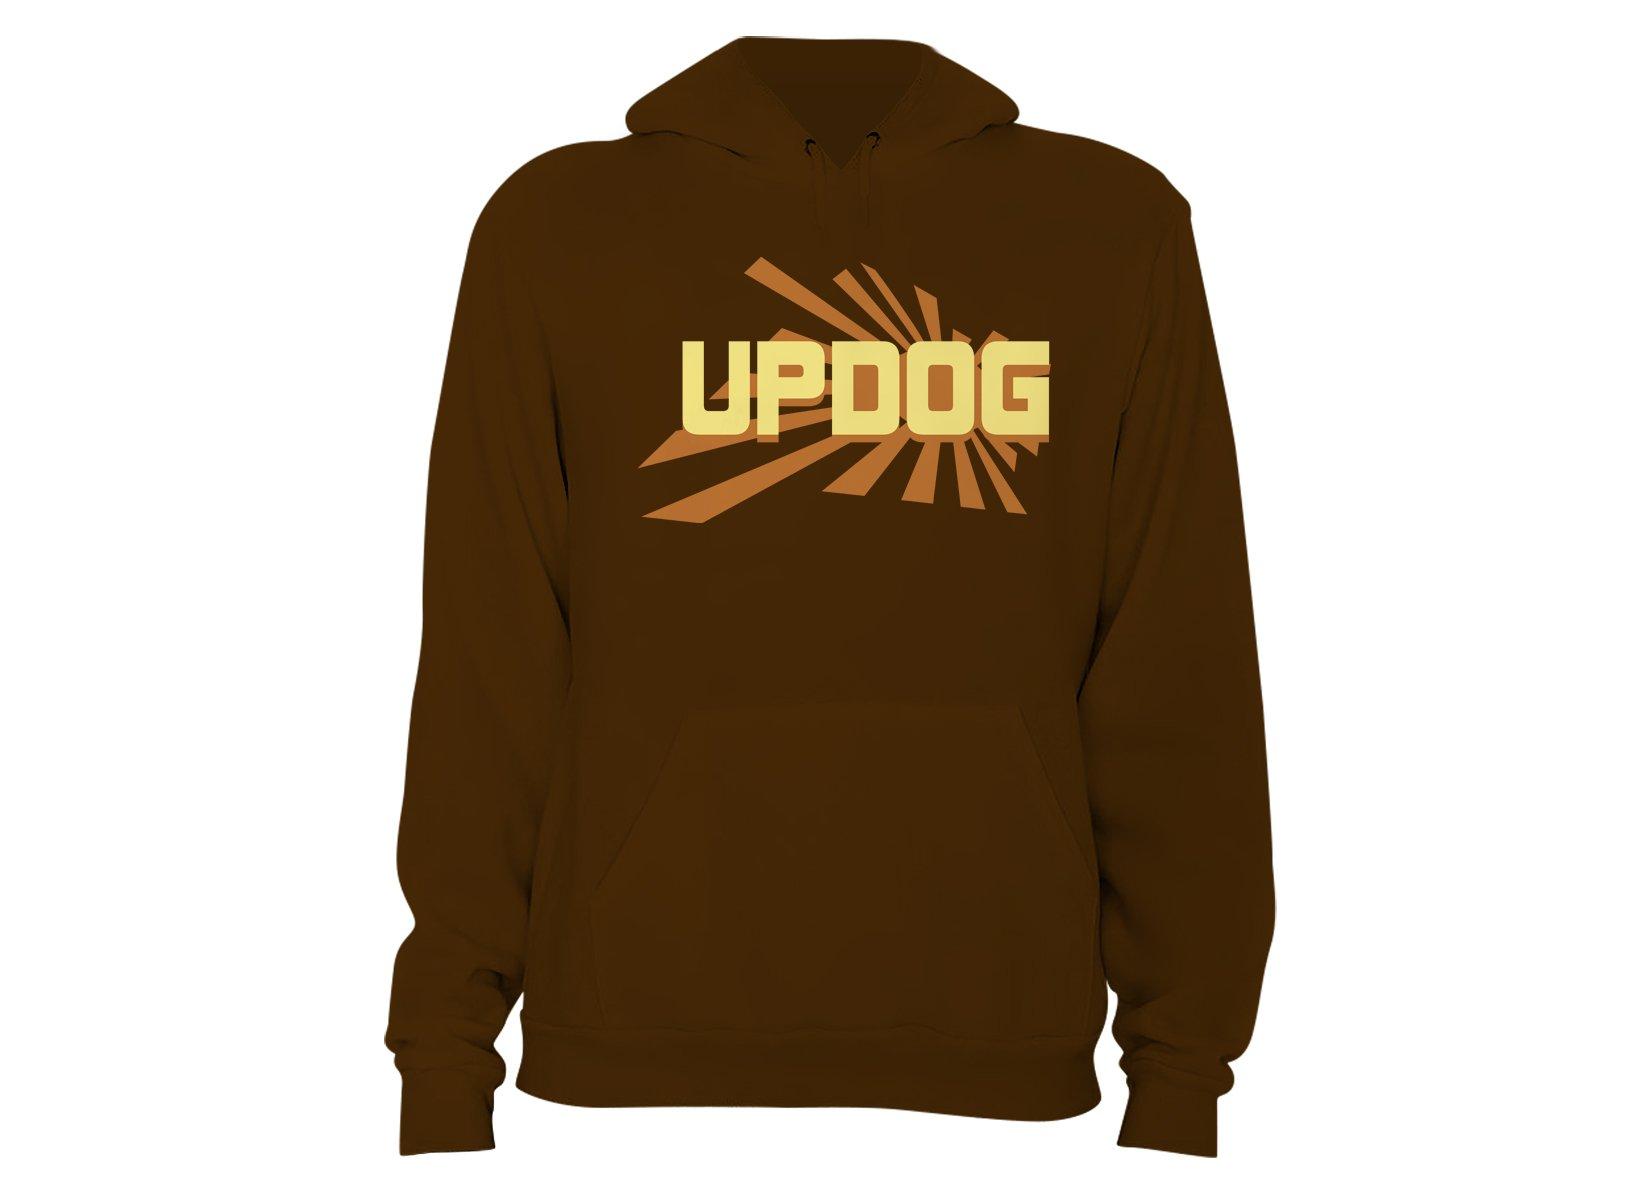 Updog on Hoodie